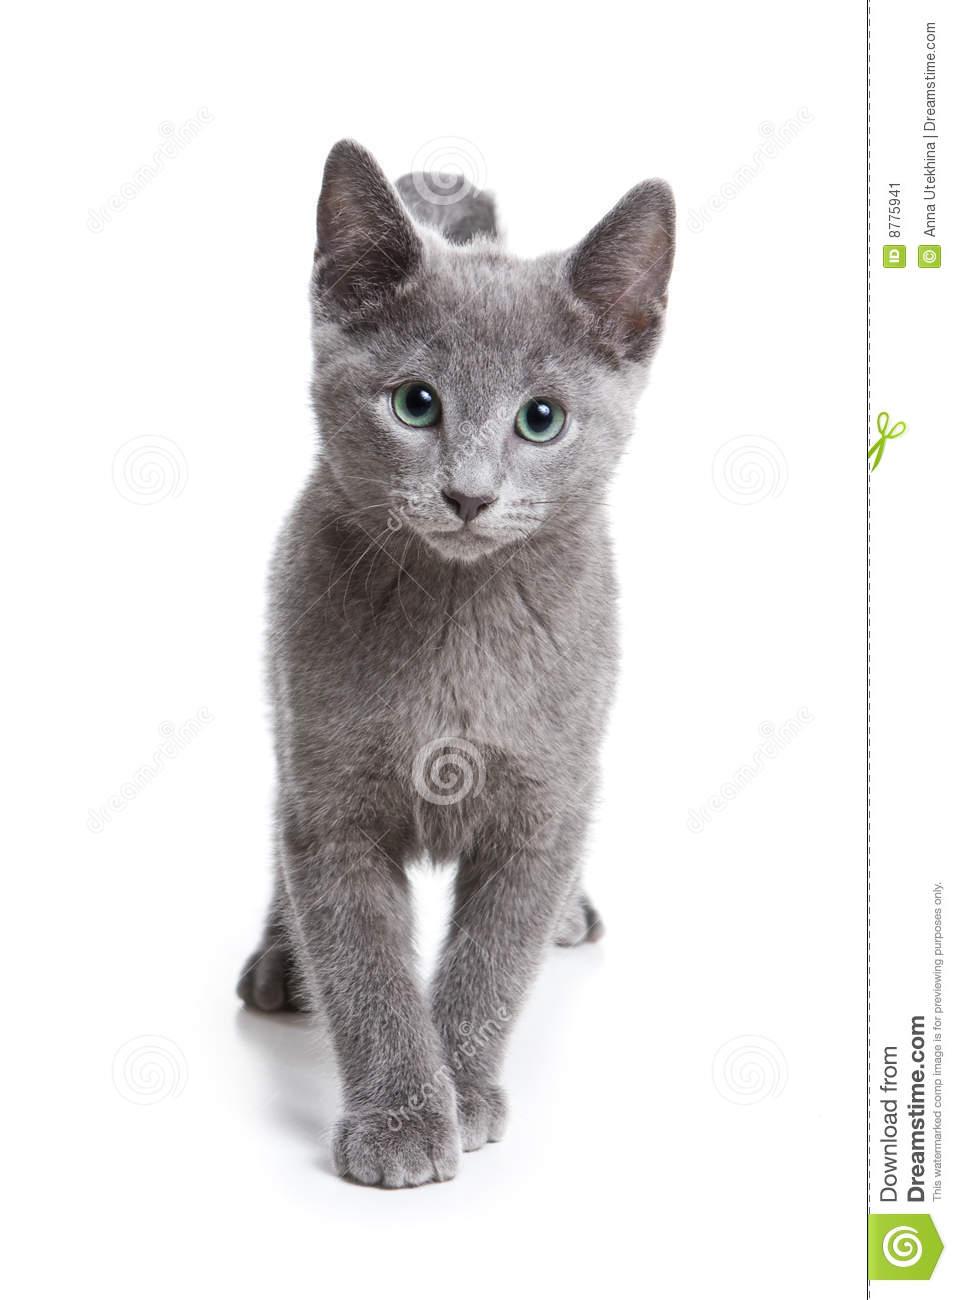 Image Russian blue kitten